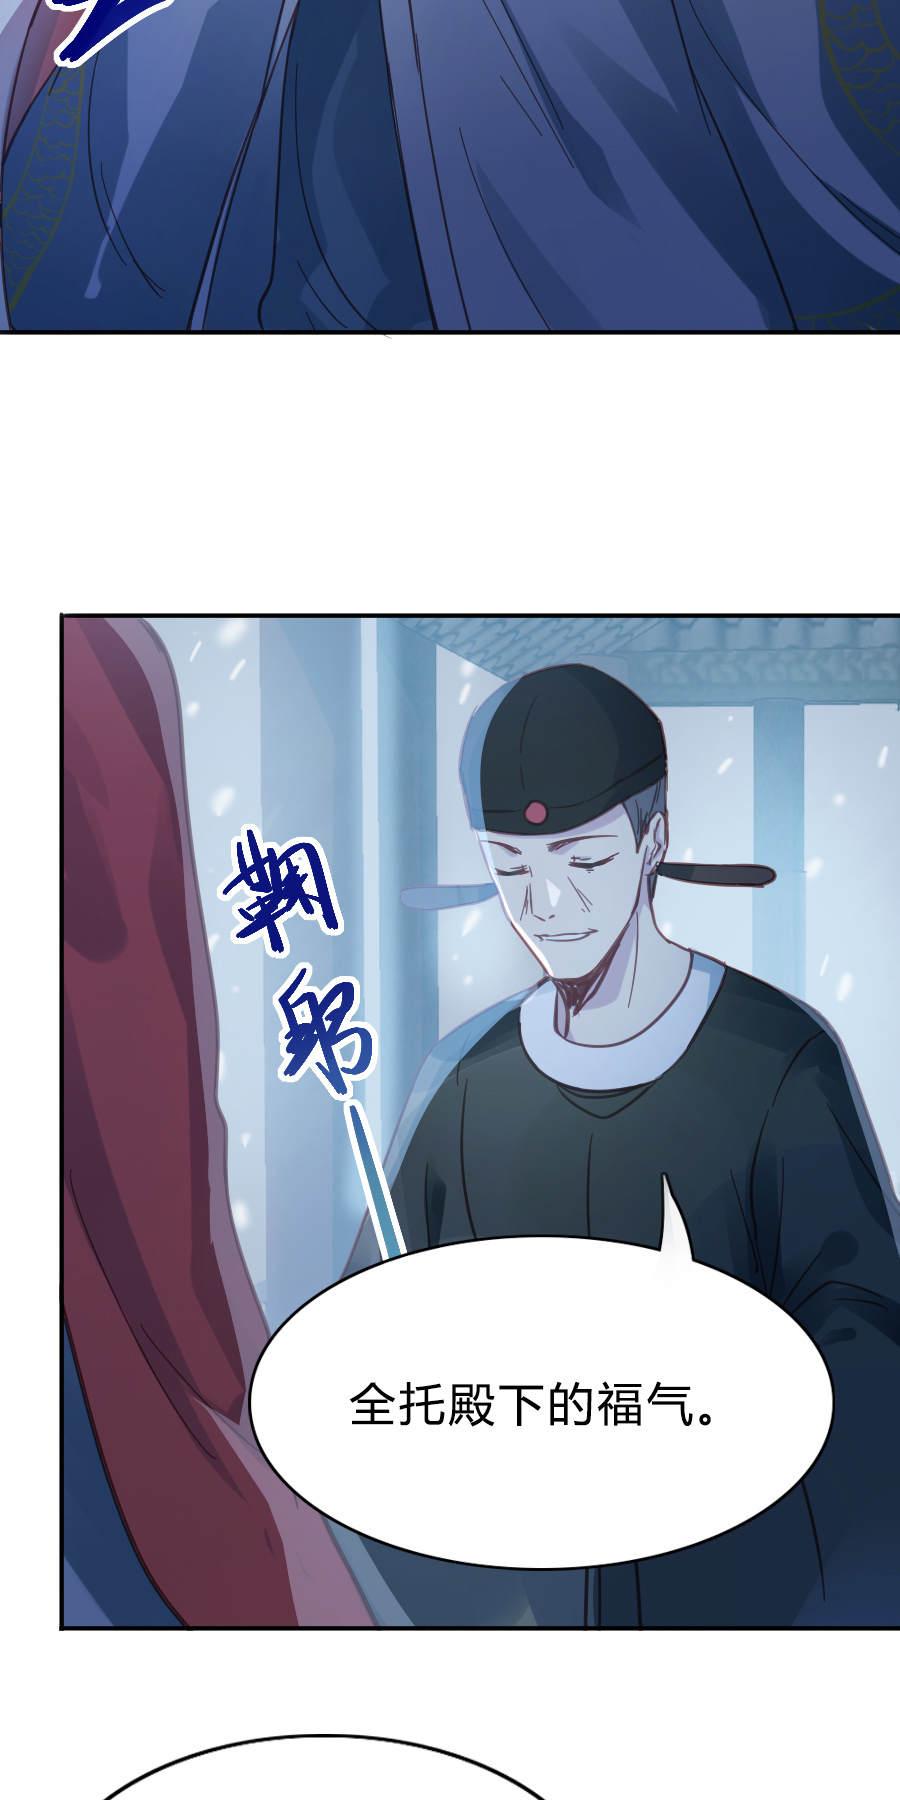 少年游第30话  红灯笼红 浮生皆苦(万圣节福利) 第 3